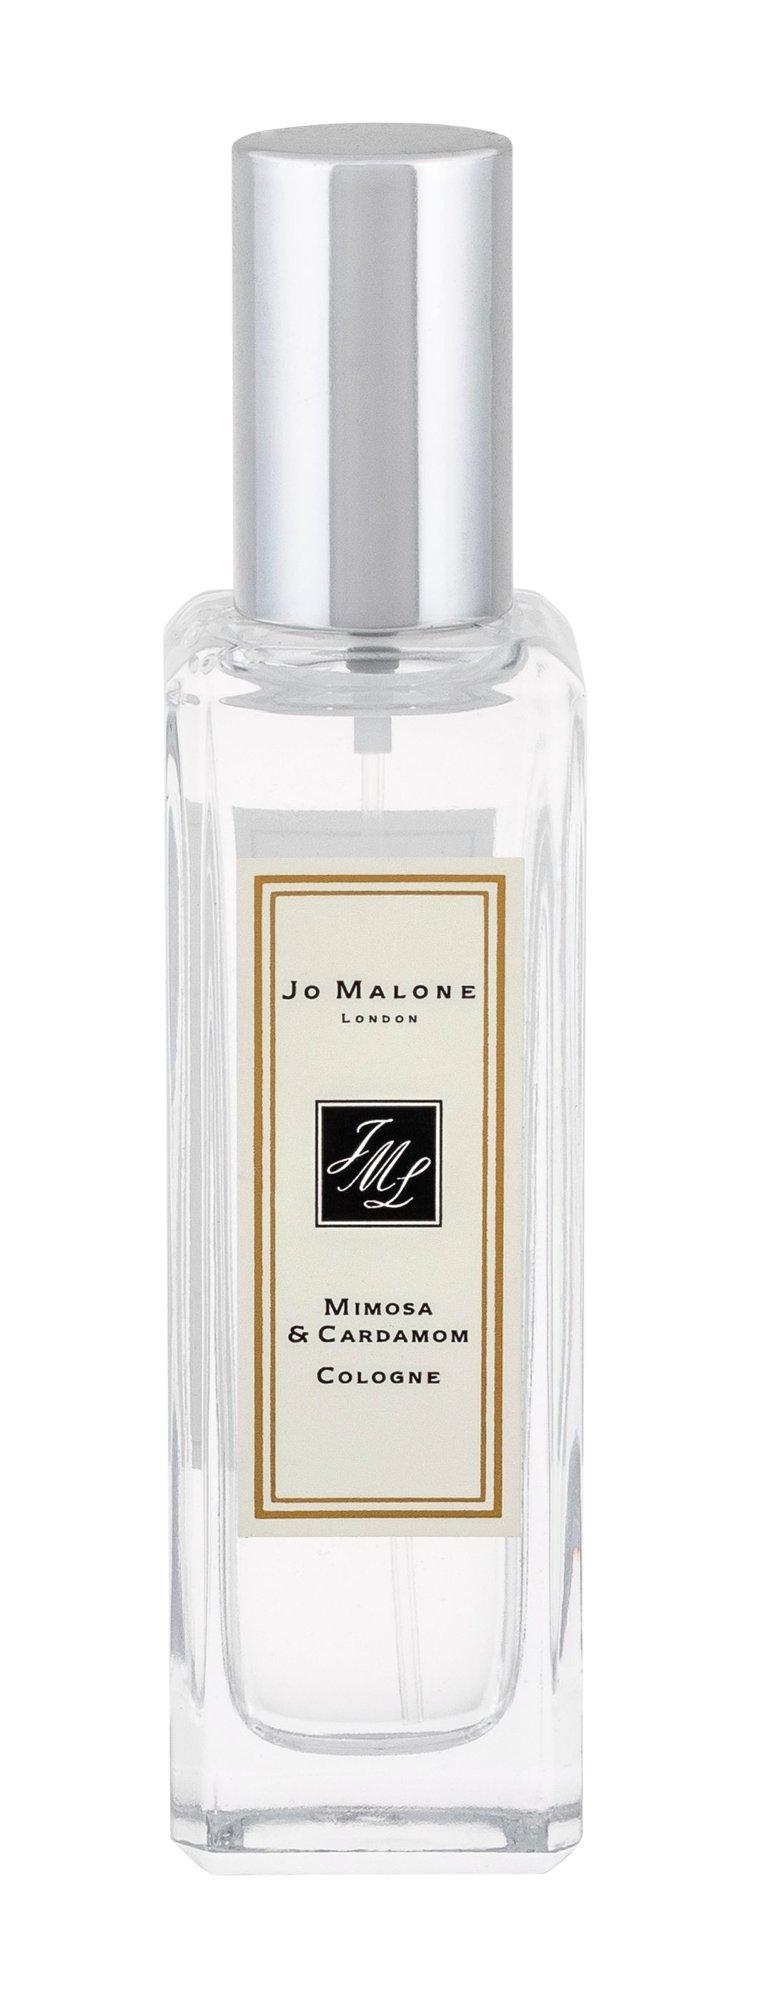 Jo Malone Mimosa & Cardamom Eau de Cologne 30ml